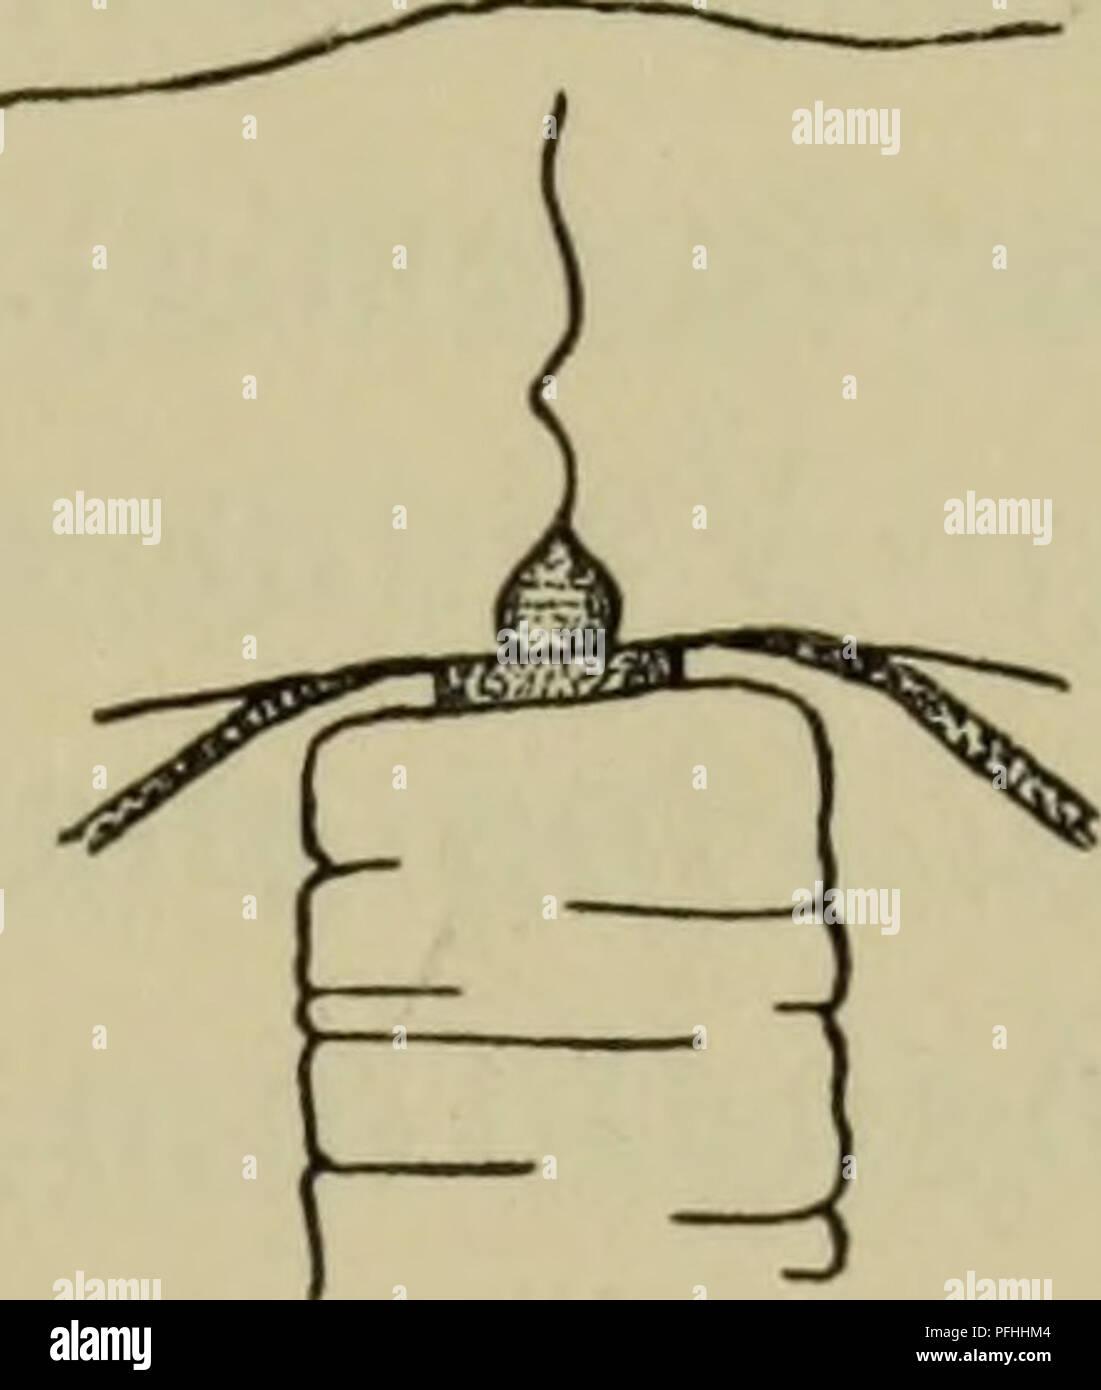 . Danmarks Fauna; illustrerede haandbøger über den Danske dyreverden... . 19 Margeliderne isaer cyster (HOS). Maven äh hyppigst flaskeformet, af meget forskellig Størrelse; ich dens Sidevaegge ligger Gonaderne (Som hos enkelte Für-mer kan straekke sig et kort Stykke ud langs Radiaerkanalerne). Gonaderne kan Danne en sluttet Ring omkring Brustbeins eller ved lodrette Stri-ber vaere delt i4interradiale eller 8 adradiale Dele (sjaeldnere äh der 5 eller et siehe Antal Gonader). Er Maven ikke faestet Undertiden direkte til Subumbrella, Männer til en Fra dennes Midte udgaaende gelatinøs Udvaext, der kaldes Ma Stockfoto